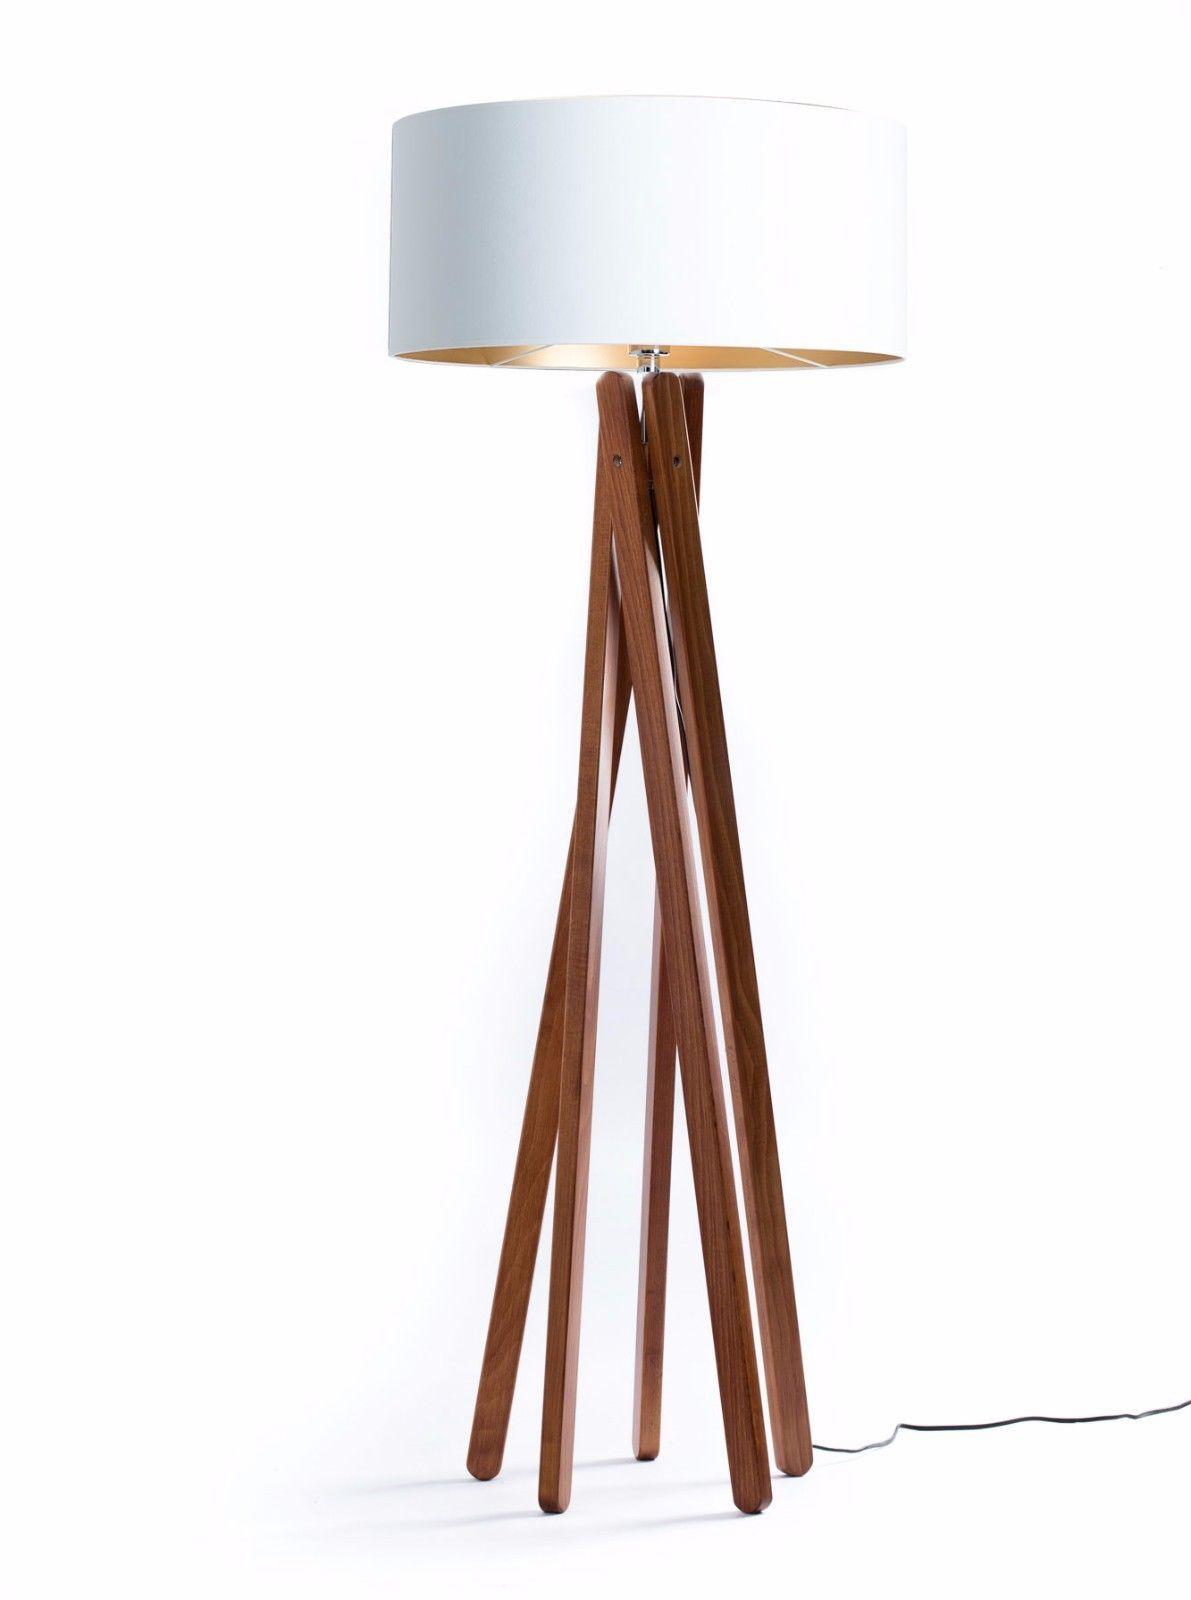 Tripod Stehleuchte Weiss Gold Holz Nussbaum Stativ Design Stehlampe